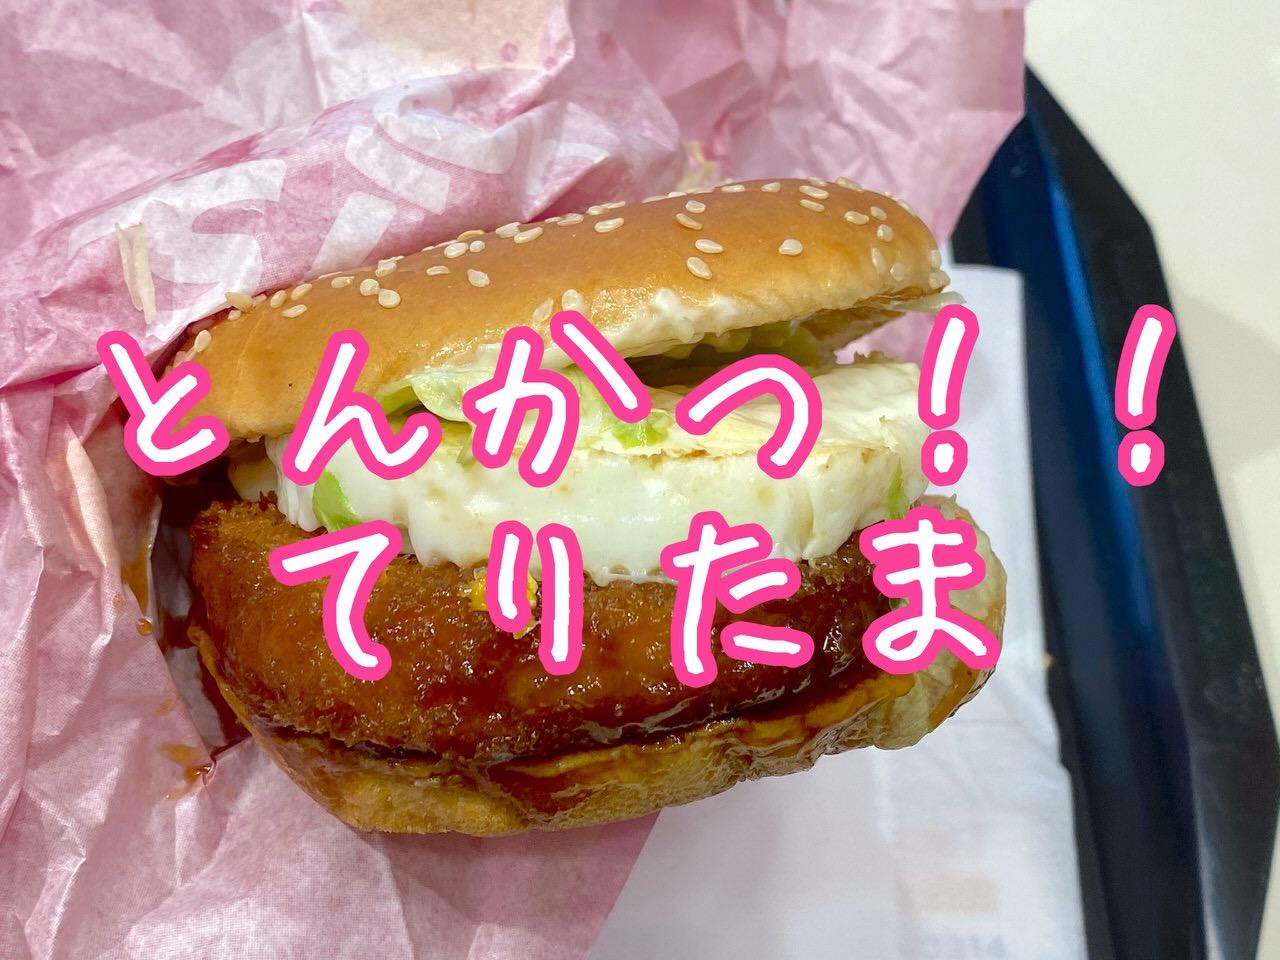 【マクドナルド】春のてりたまシーズン到来「とんかつ!!てりたま」食べてみた